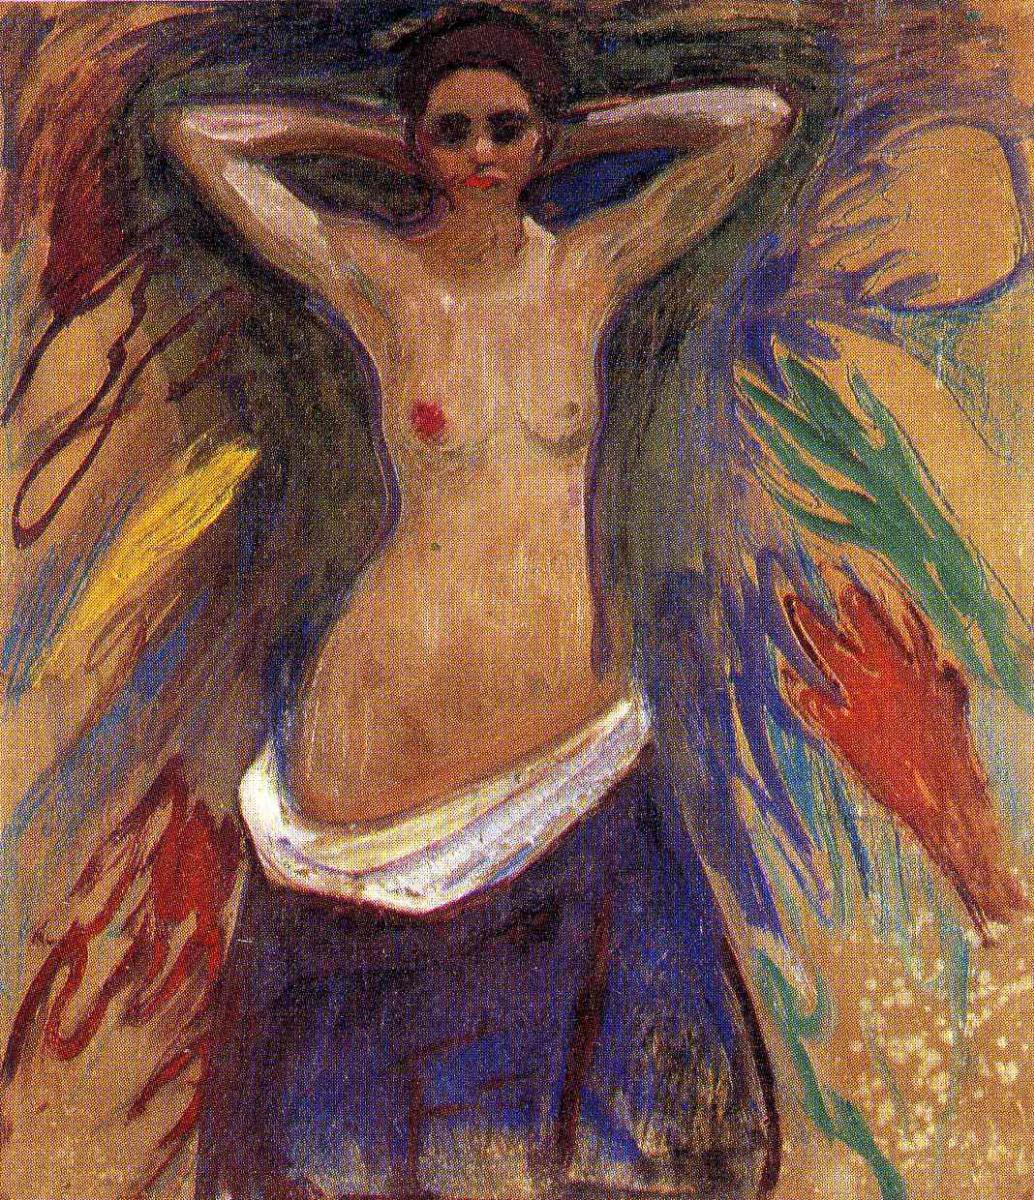 Edvard Munch. Hands